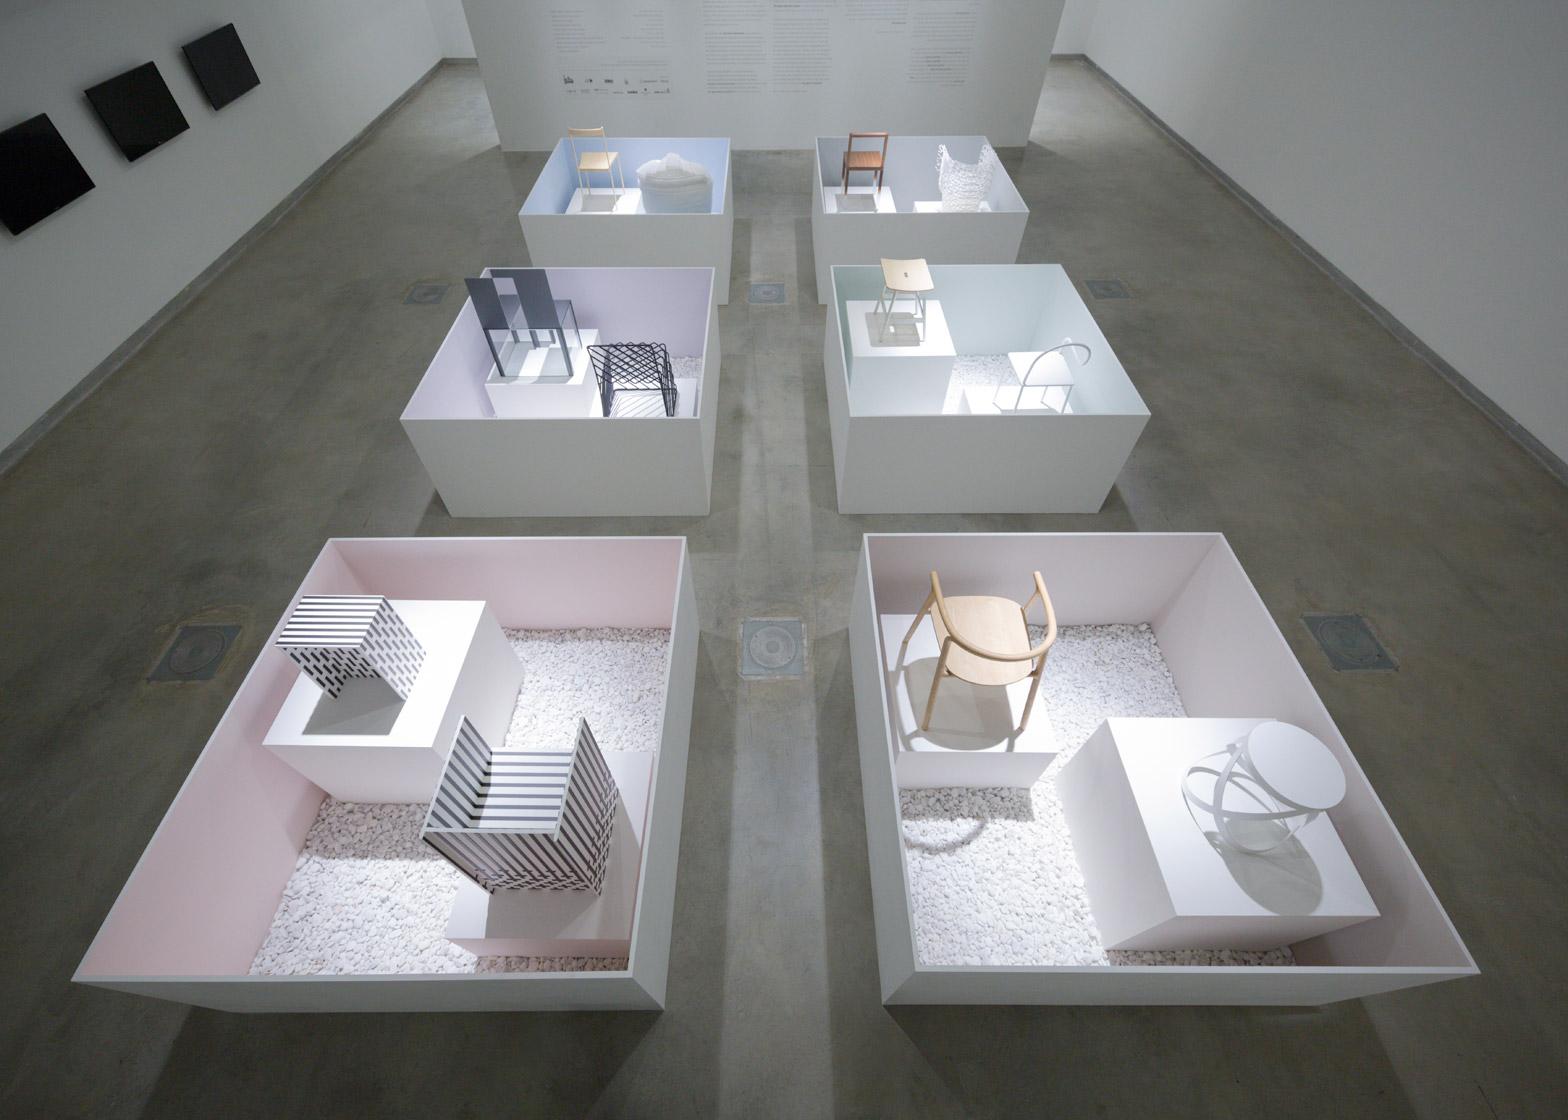 Уникальная выставка мебели от дизайнеров Oki Sato